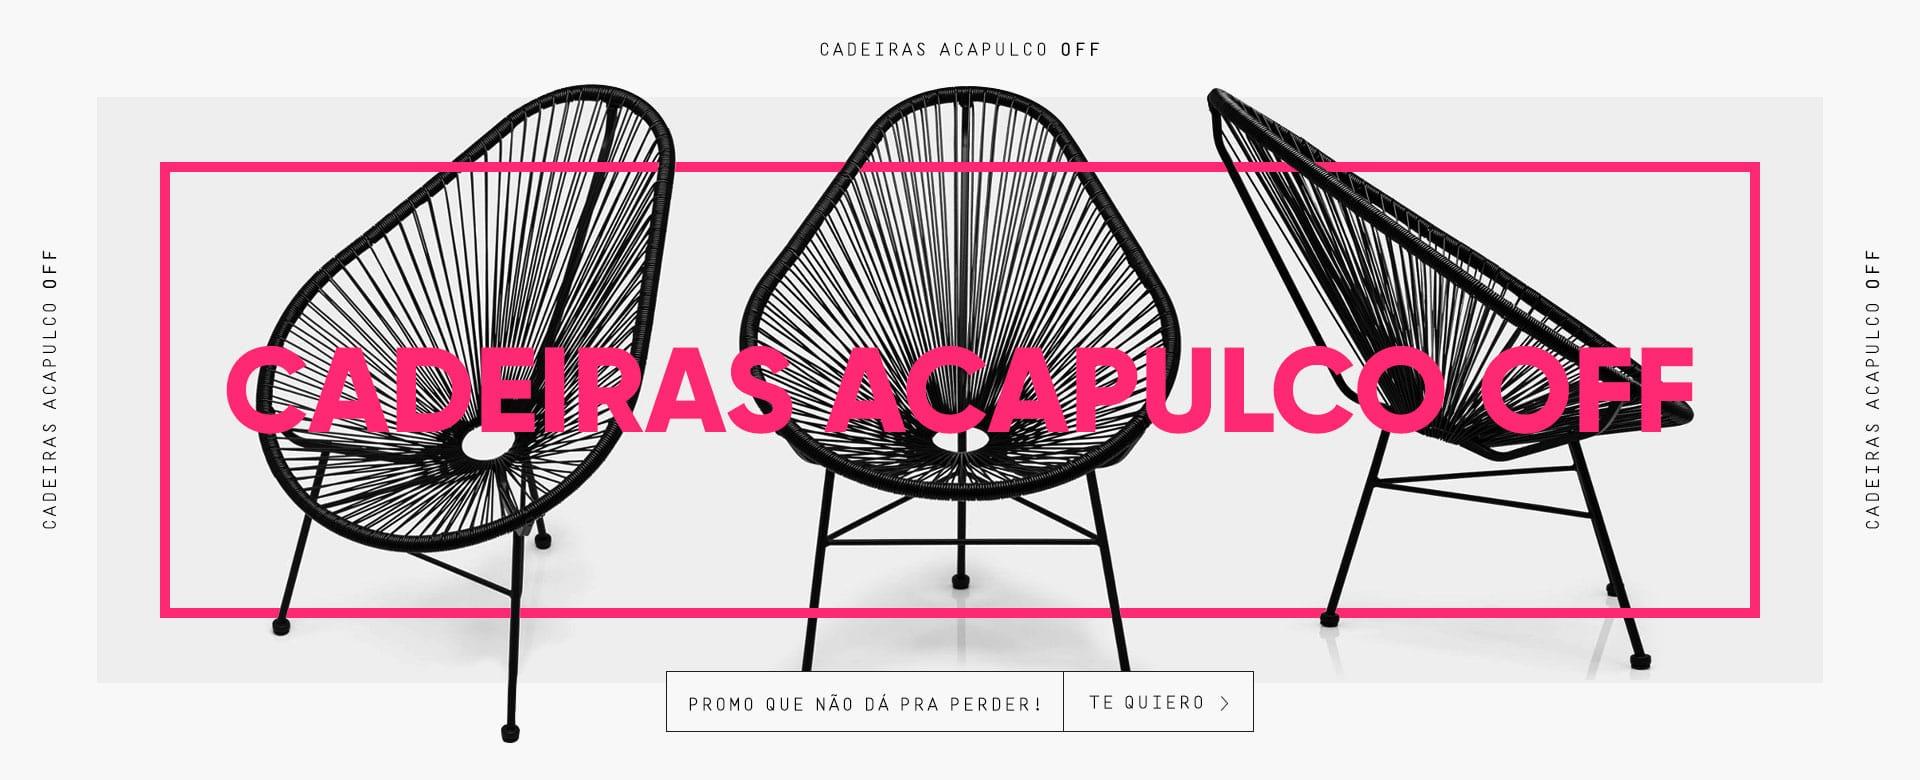 1-1-Acapulco